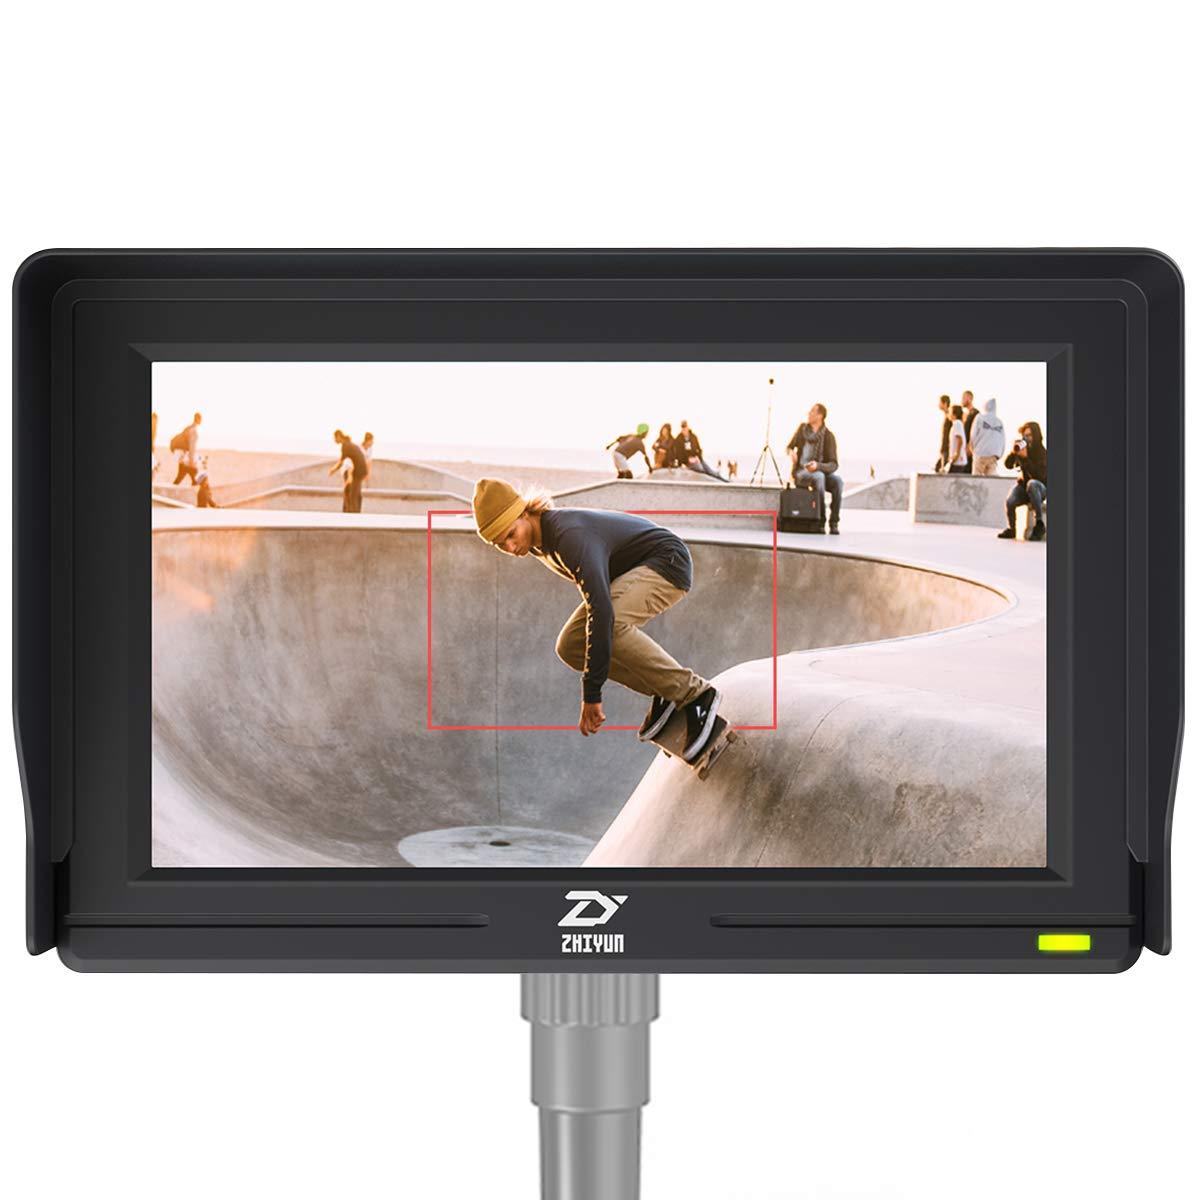 Zhiyun [Official] Transmount 5.5'' HD LCD Display Monitor 19201080 IPS Rear View Monitor Screen by zhi yun